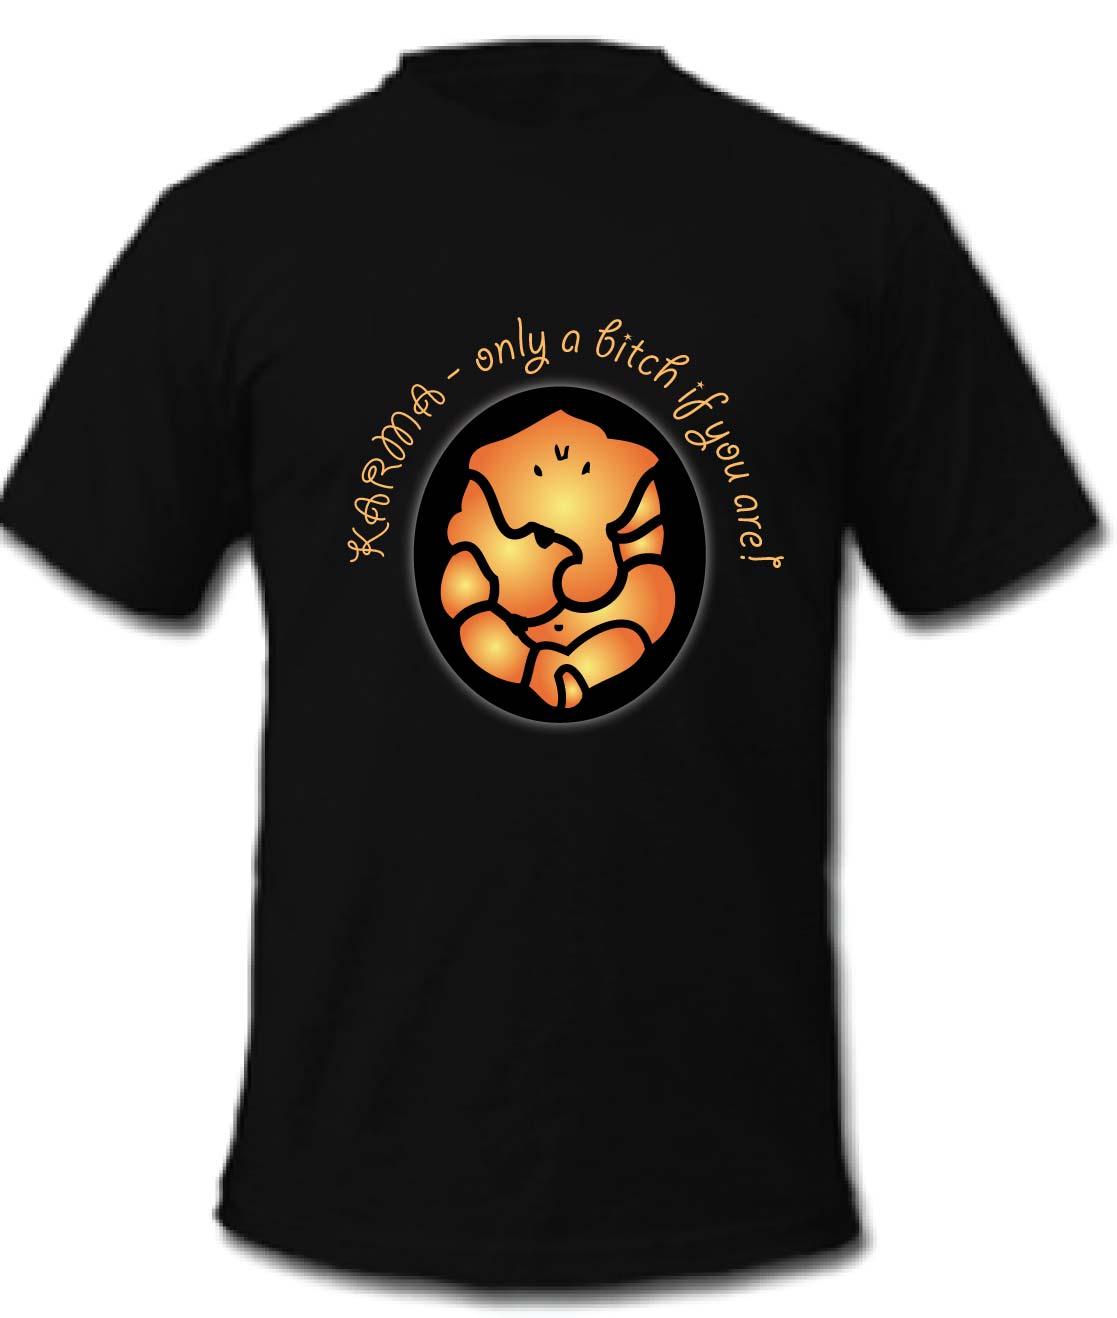 Feminine playful business t shirt design for a company for Business t shirt design